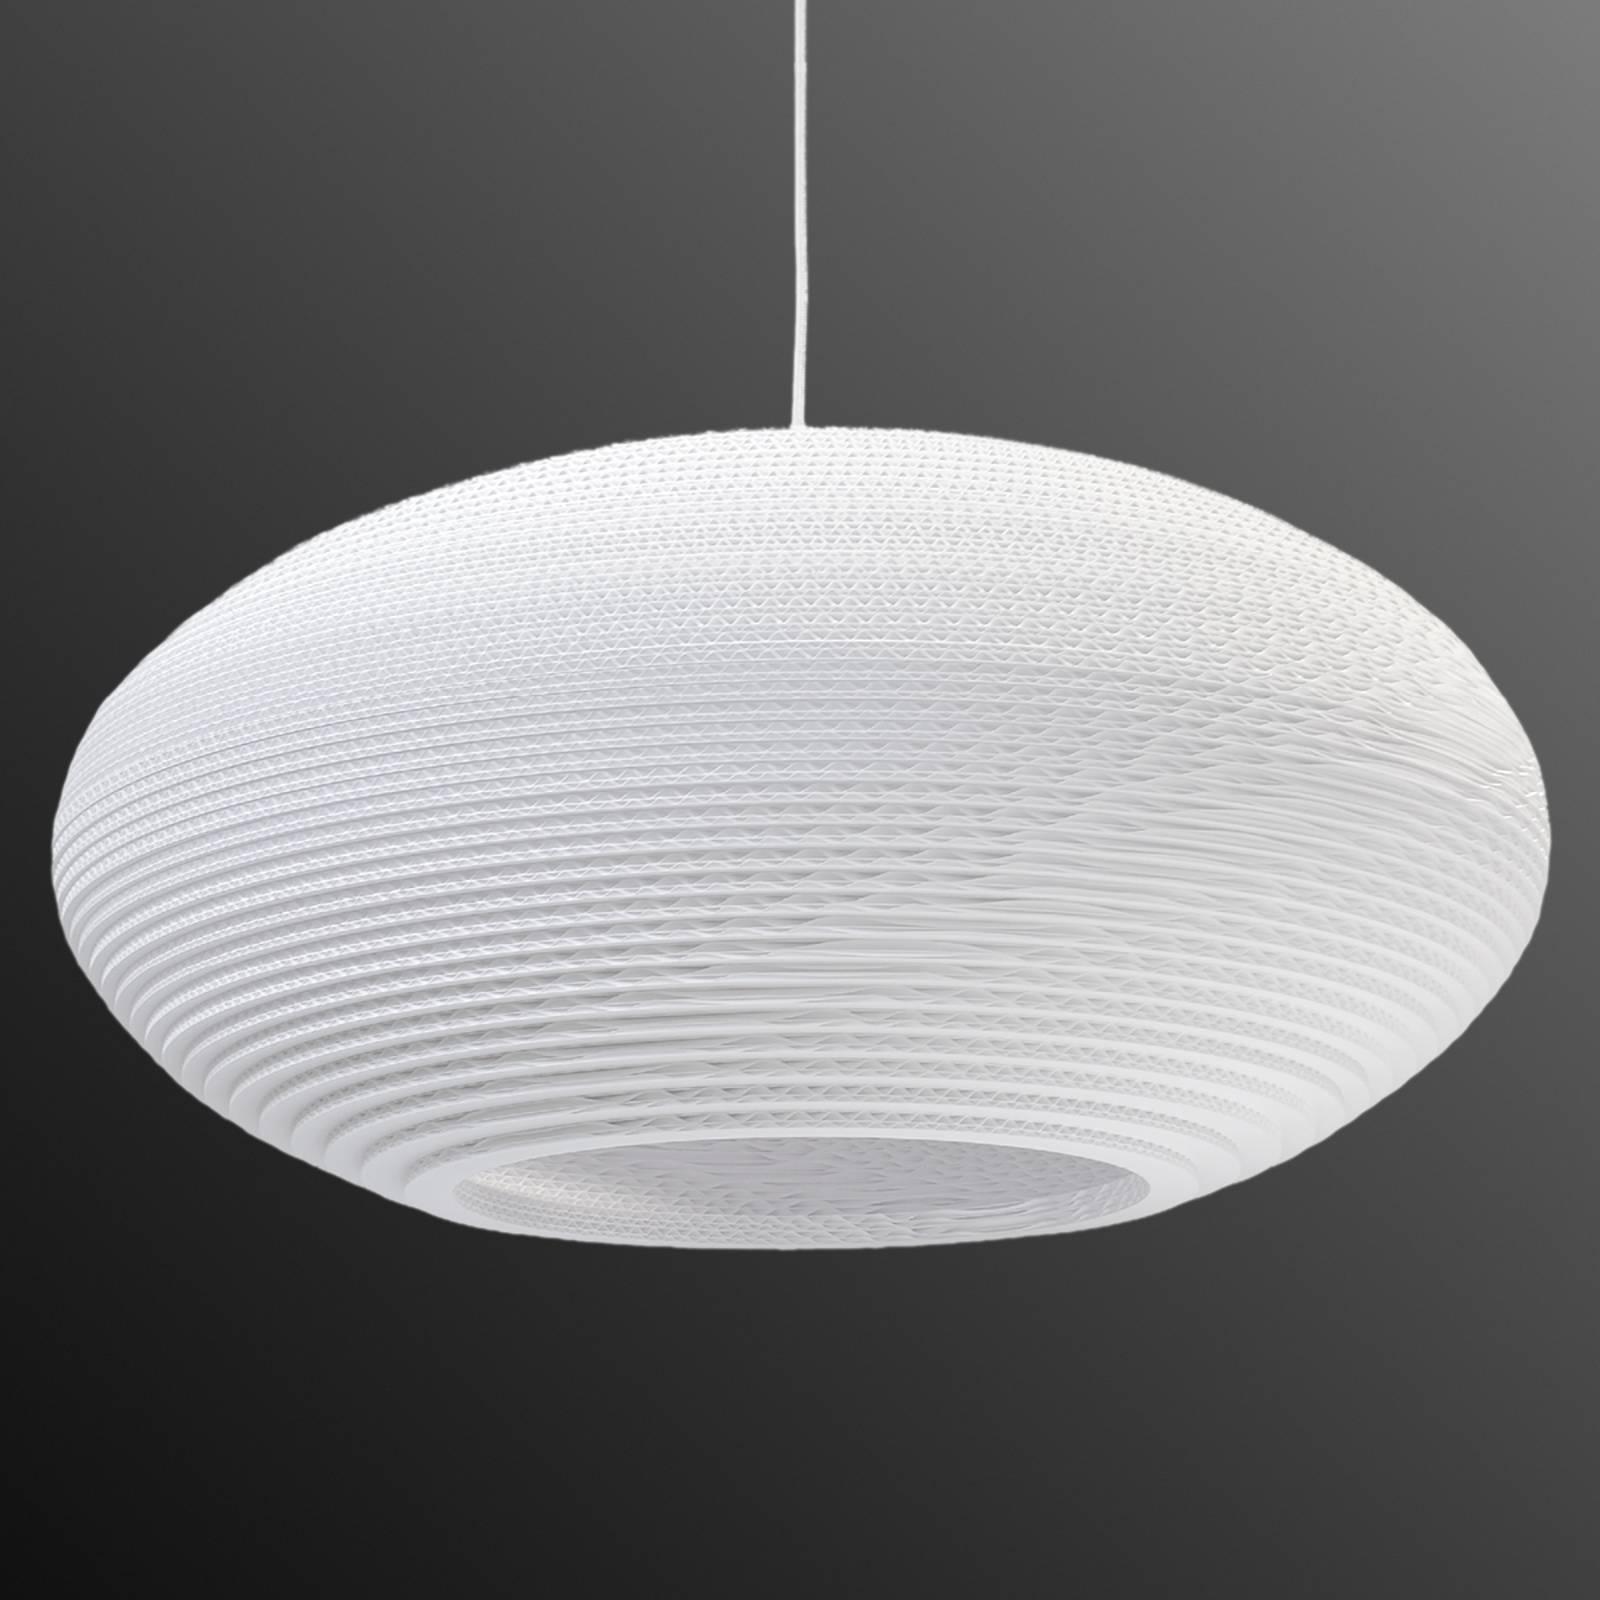 Riippuvalaisin Disc, valkoinen Ø 61 cm